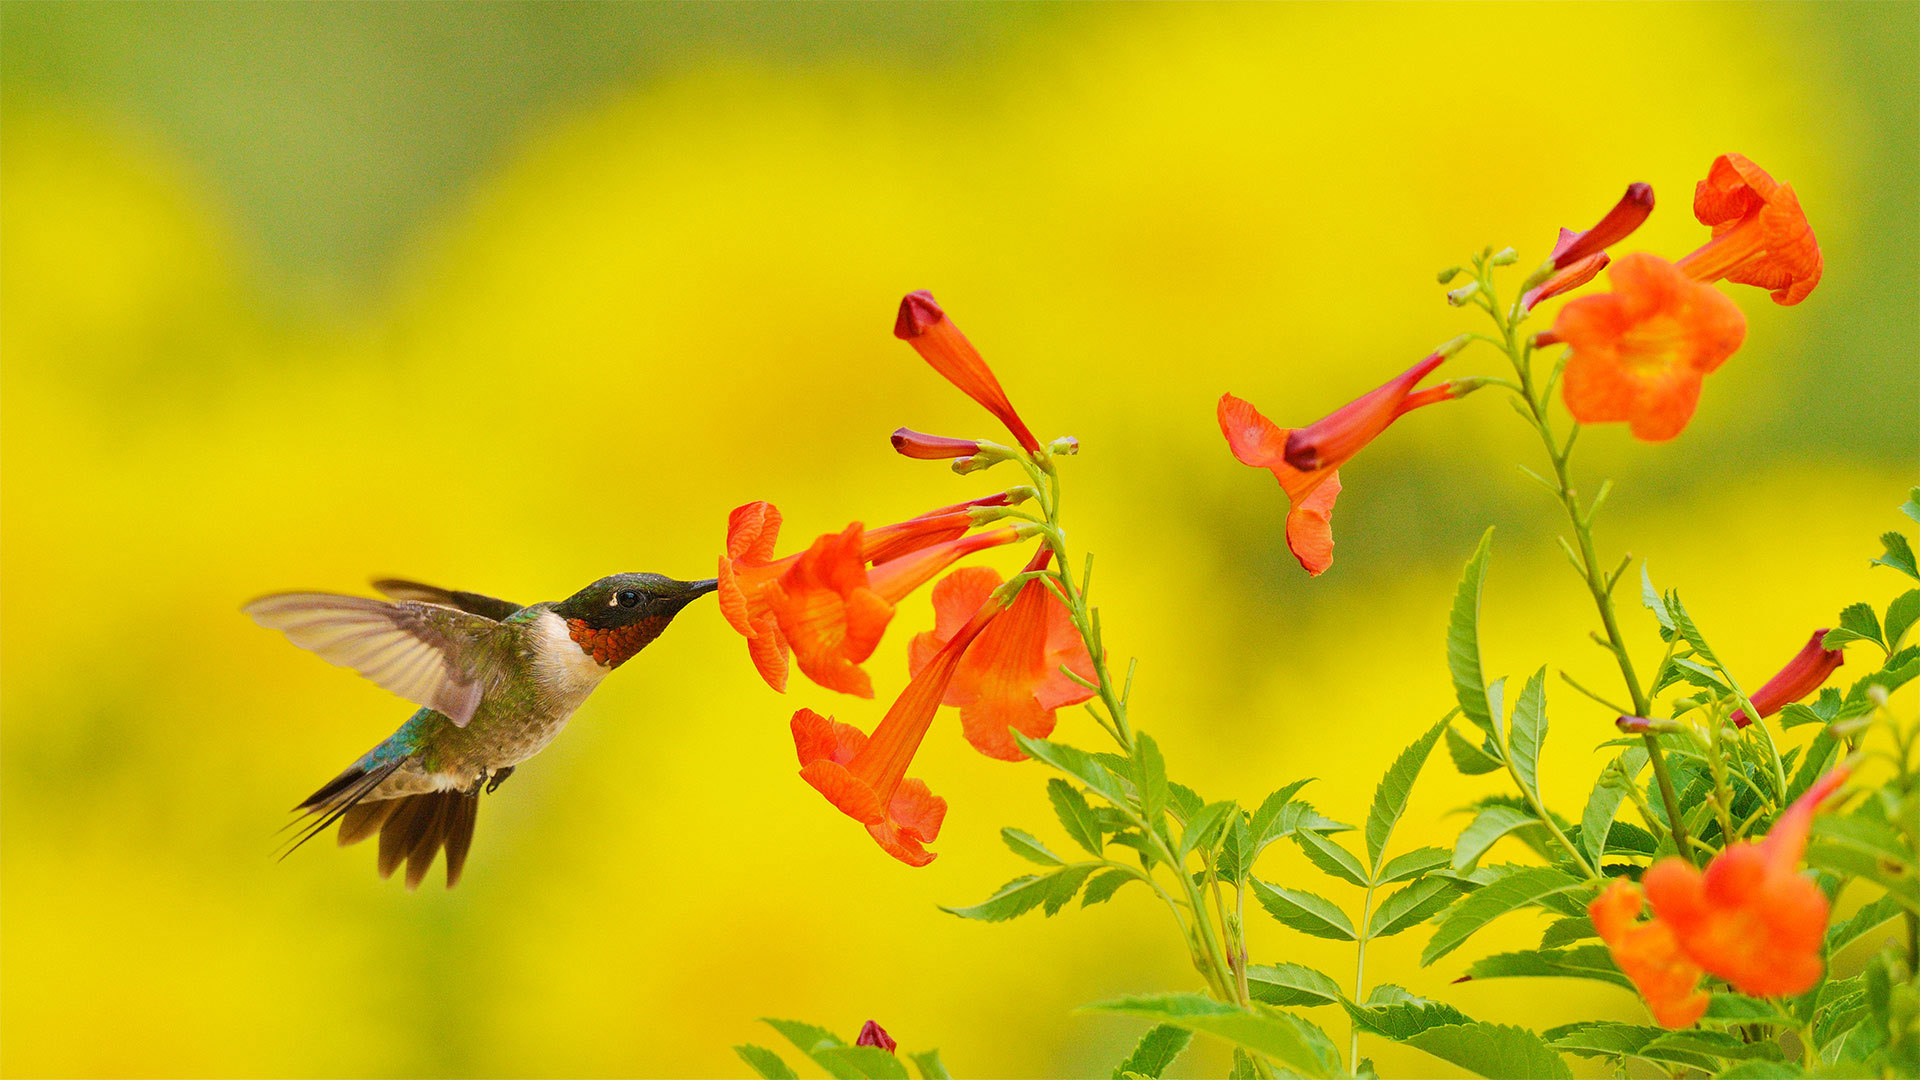 在食用黄钟花的红喉北蜂鸟红喉北蜂鸟